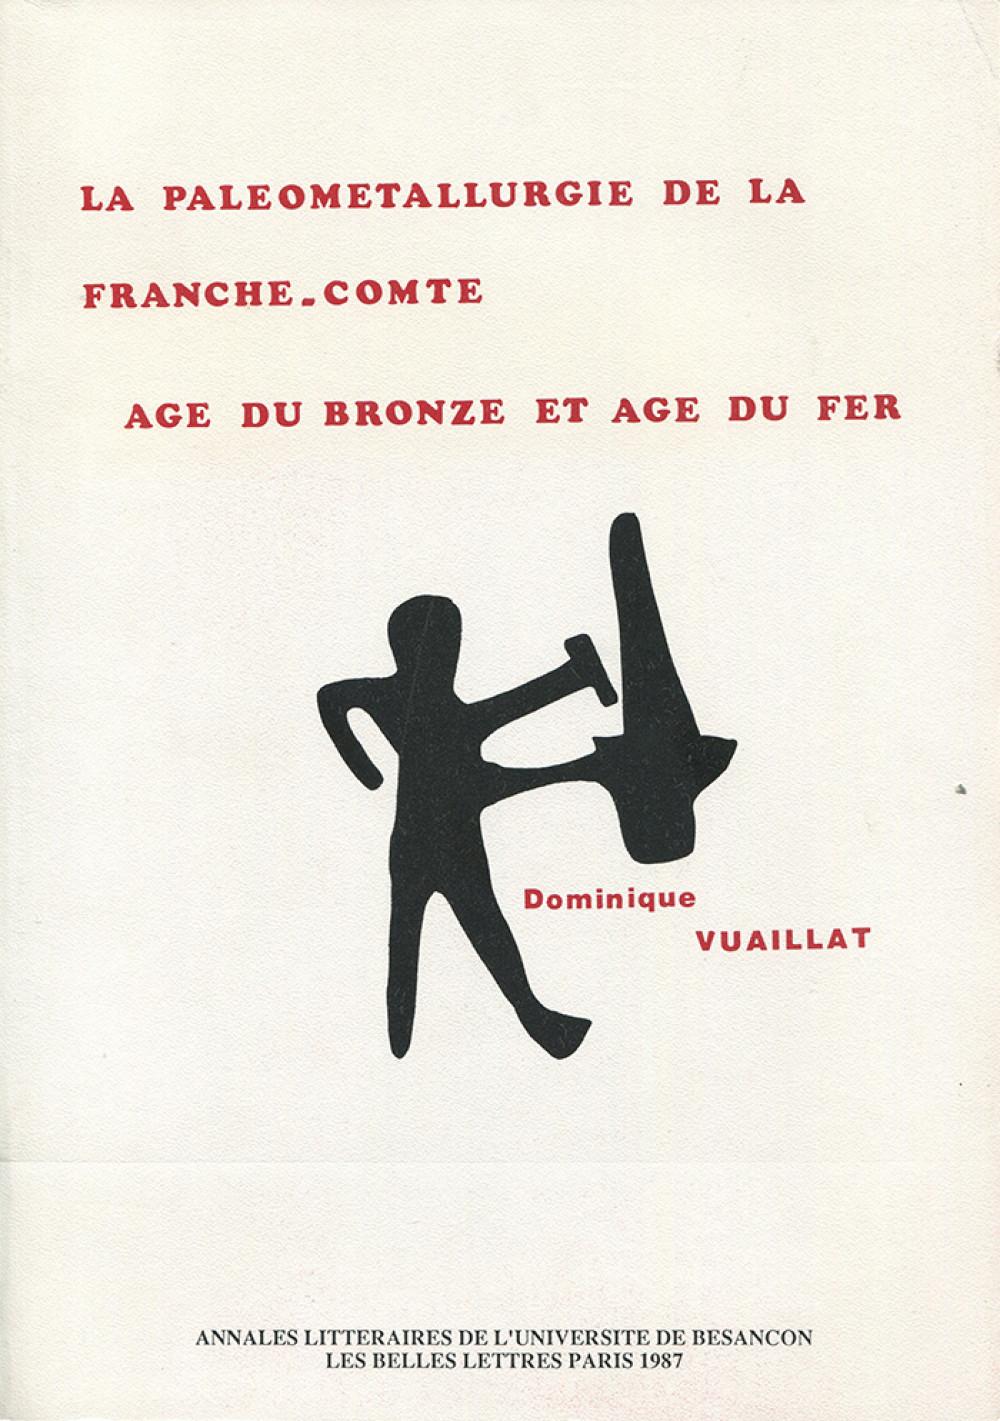 La paléométallurgie de la Franche-Comté : Age du Bronze et Age du Fer